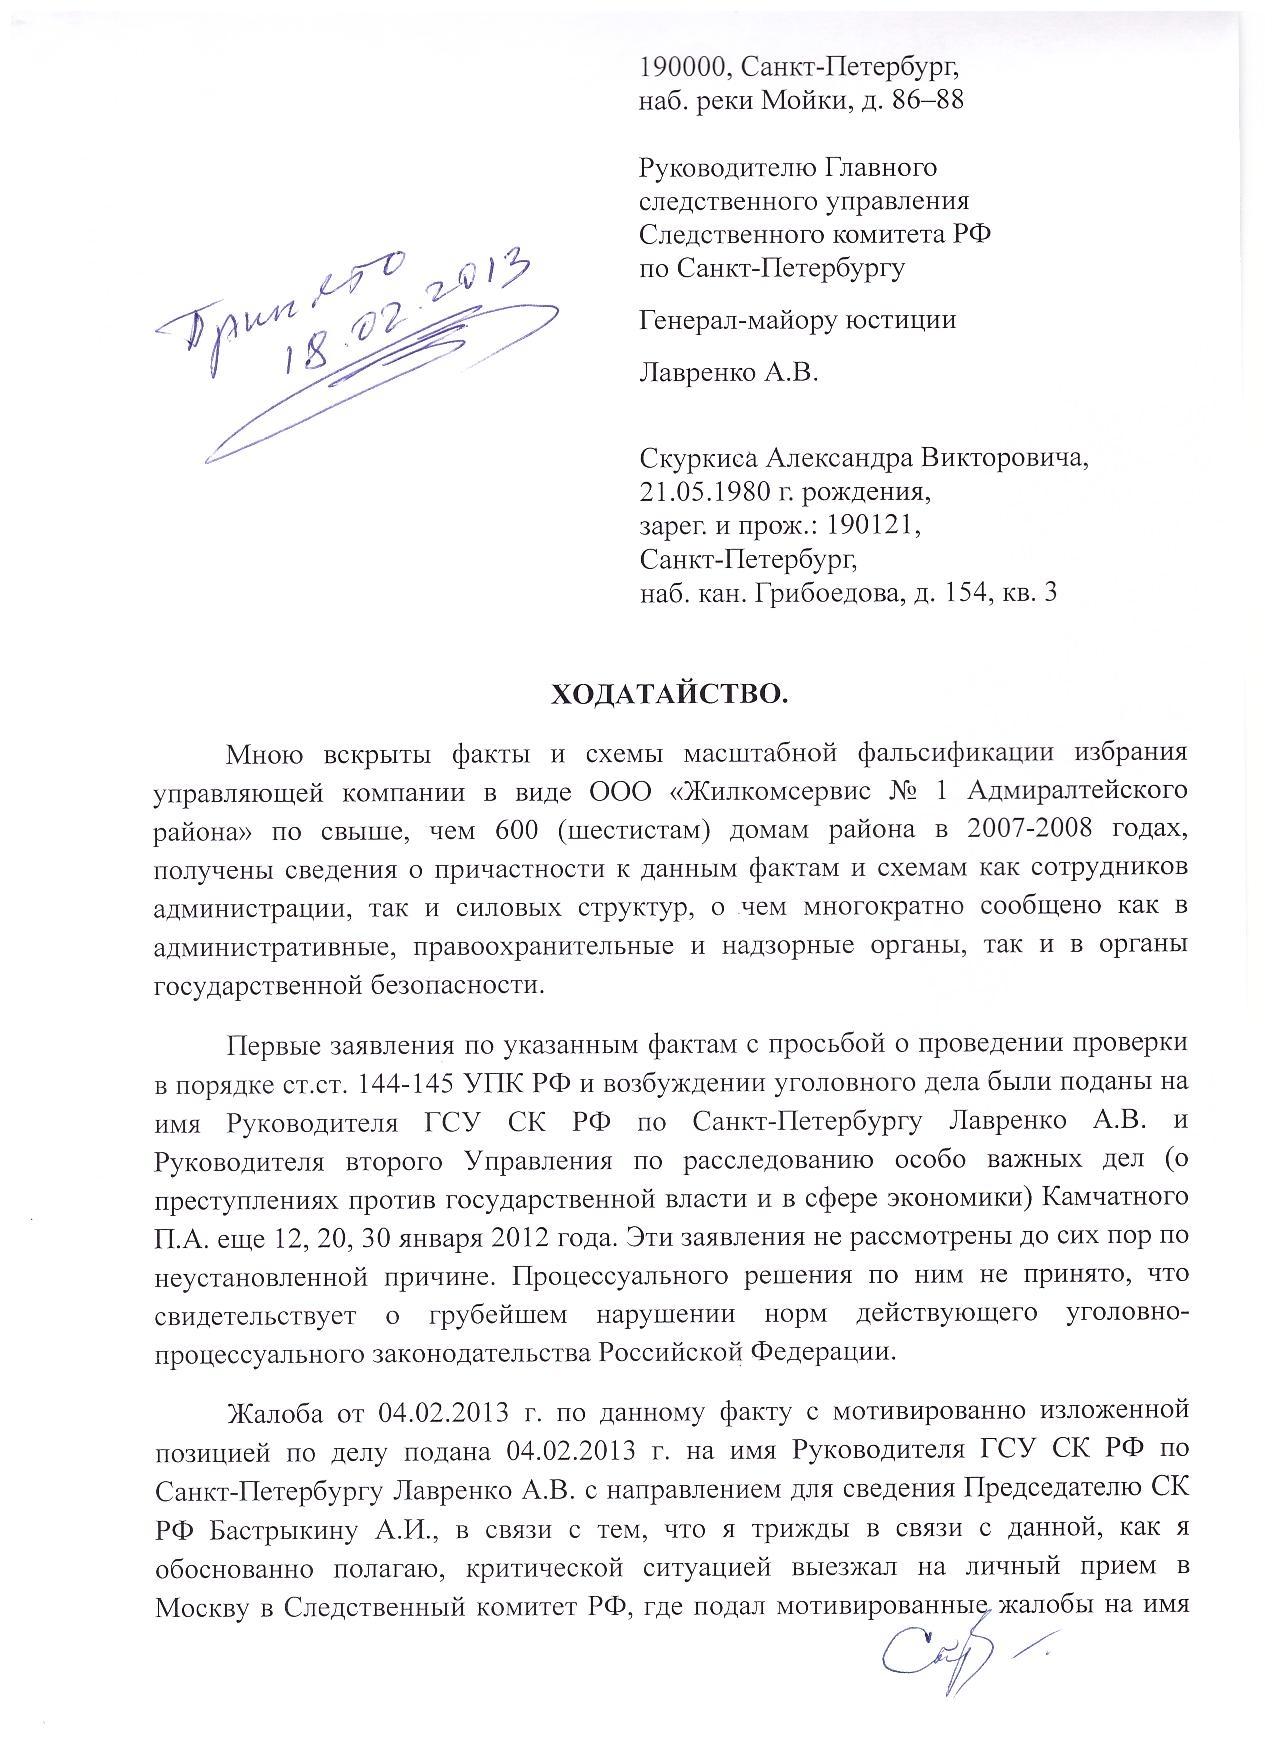 Ходатайство о вызове Янченкова от 18.02.13 г. 1 с..JPG